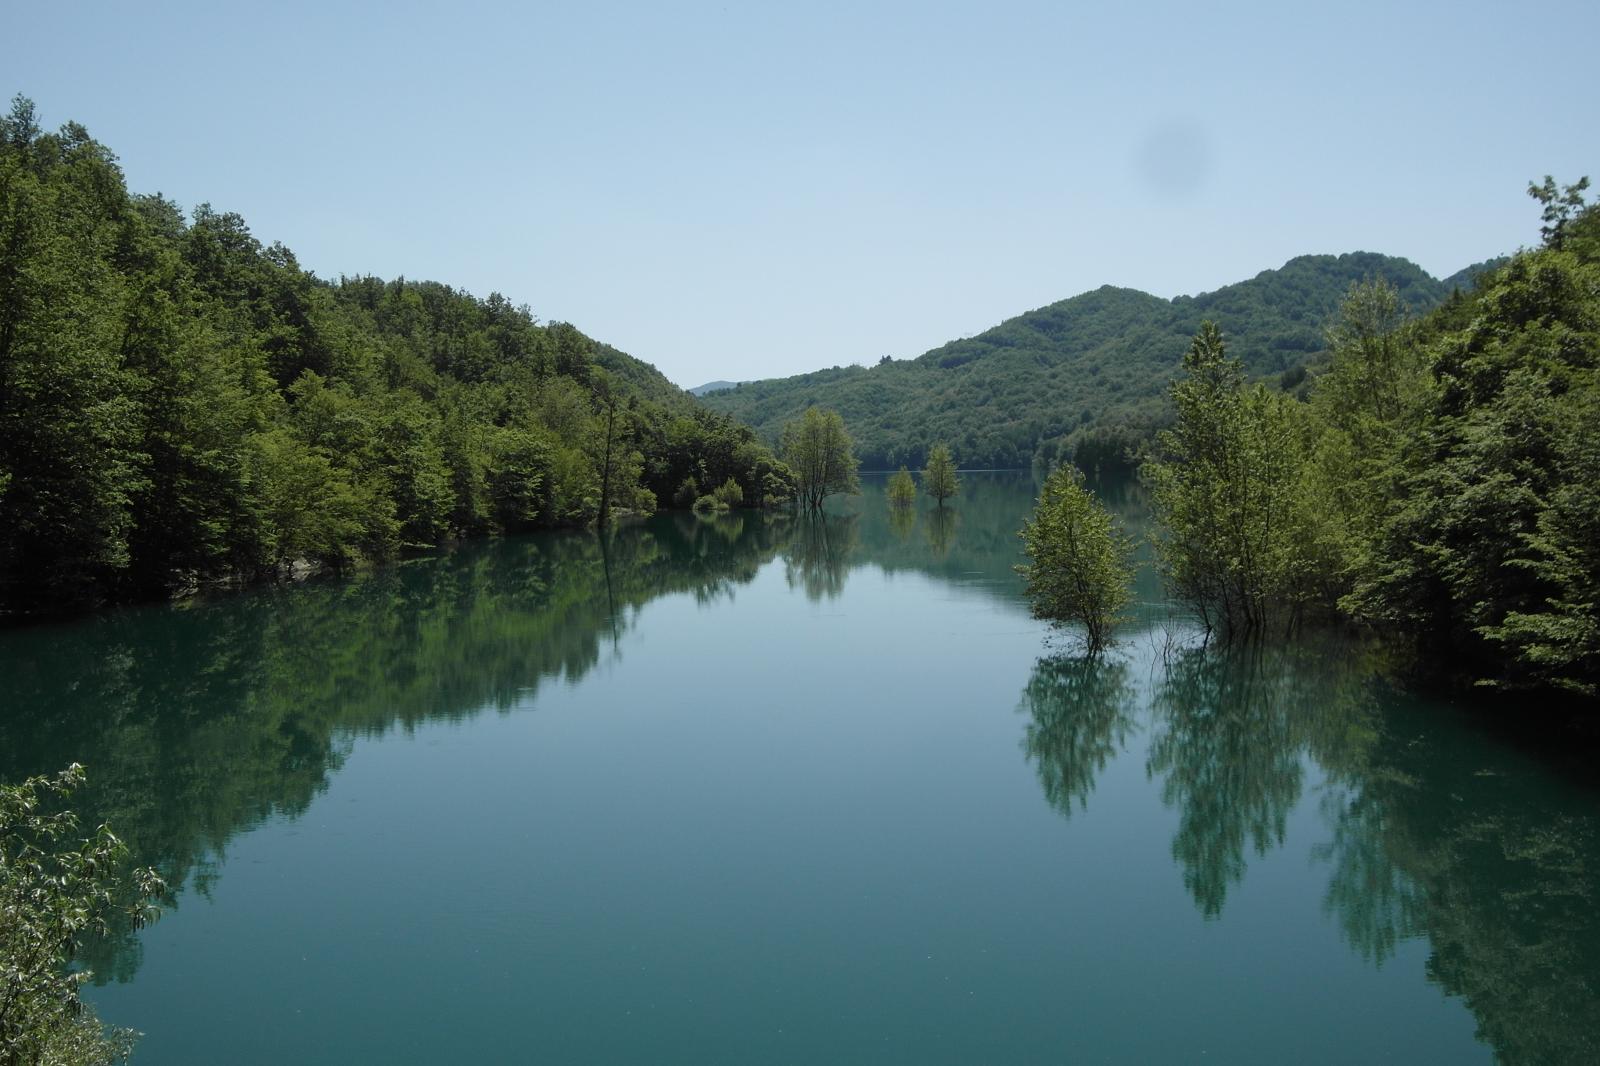 Antola (Monte) da Genova, Rigantoca trail 2014-06-08